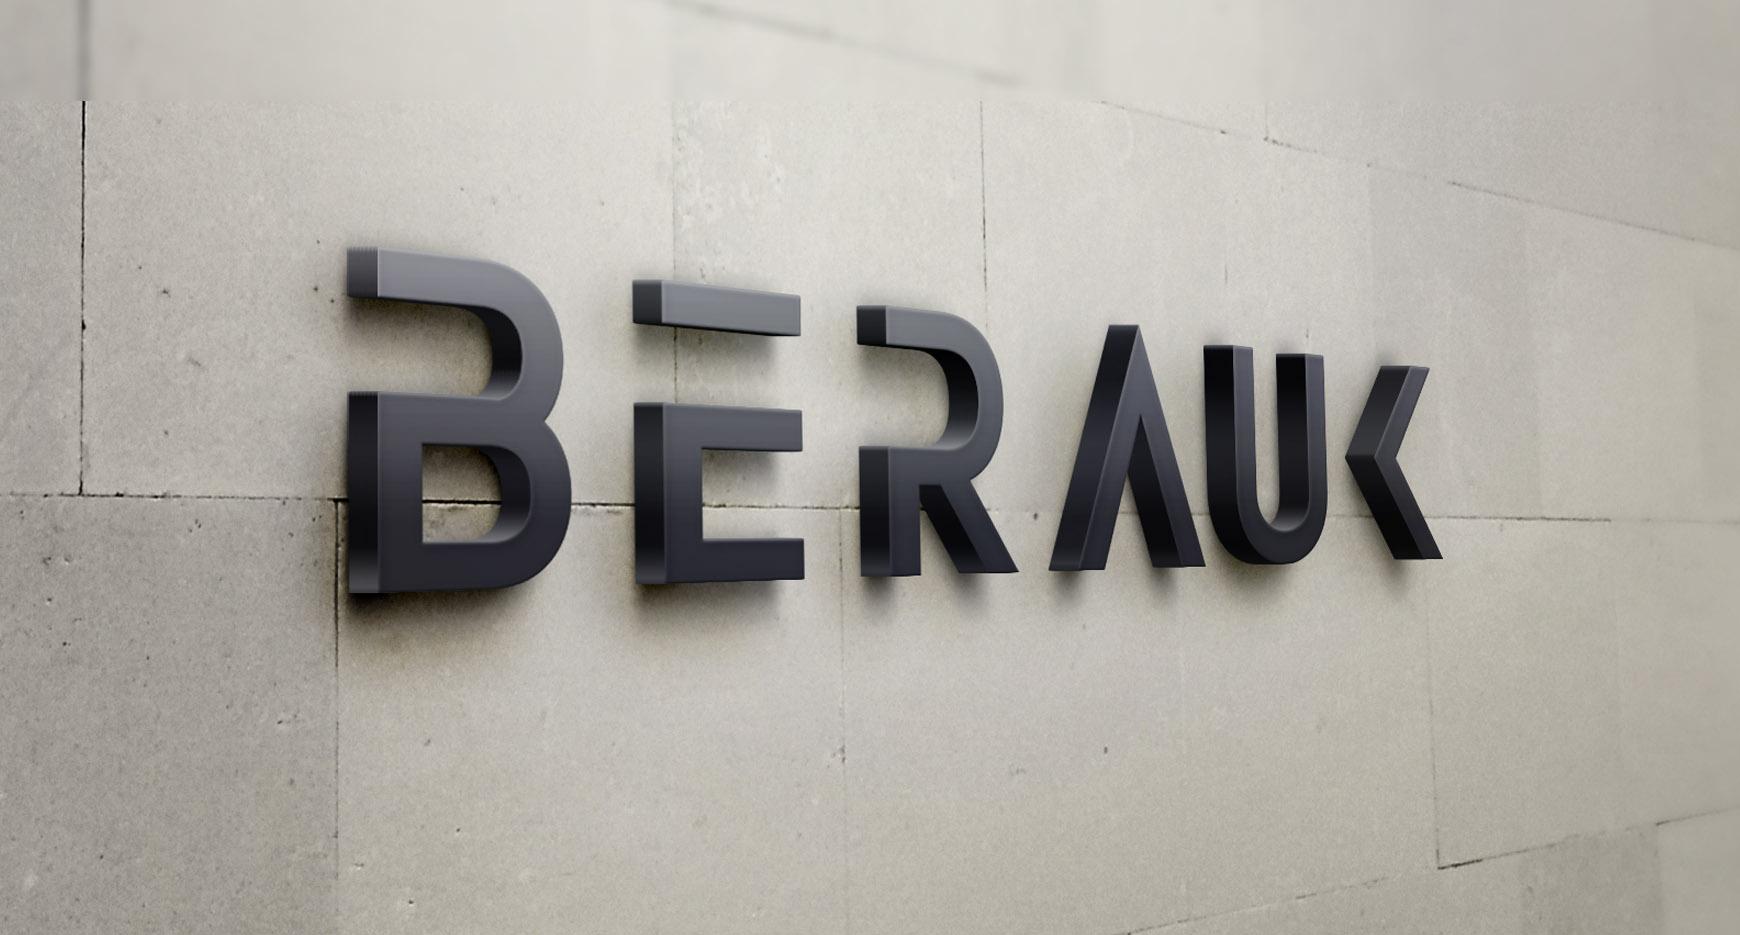 Berauk_01